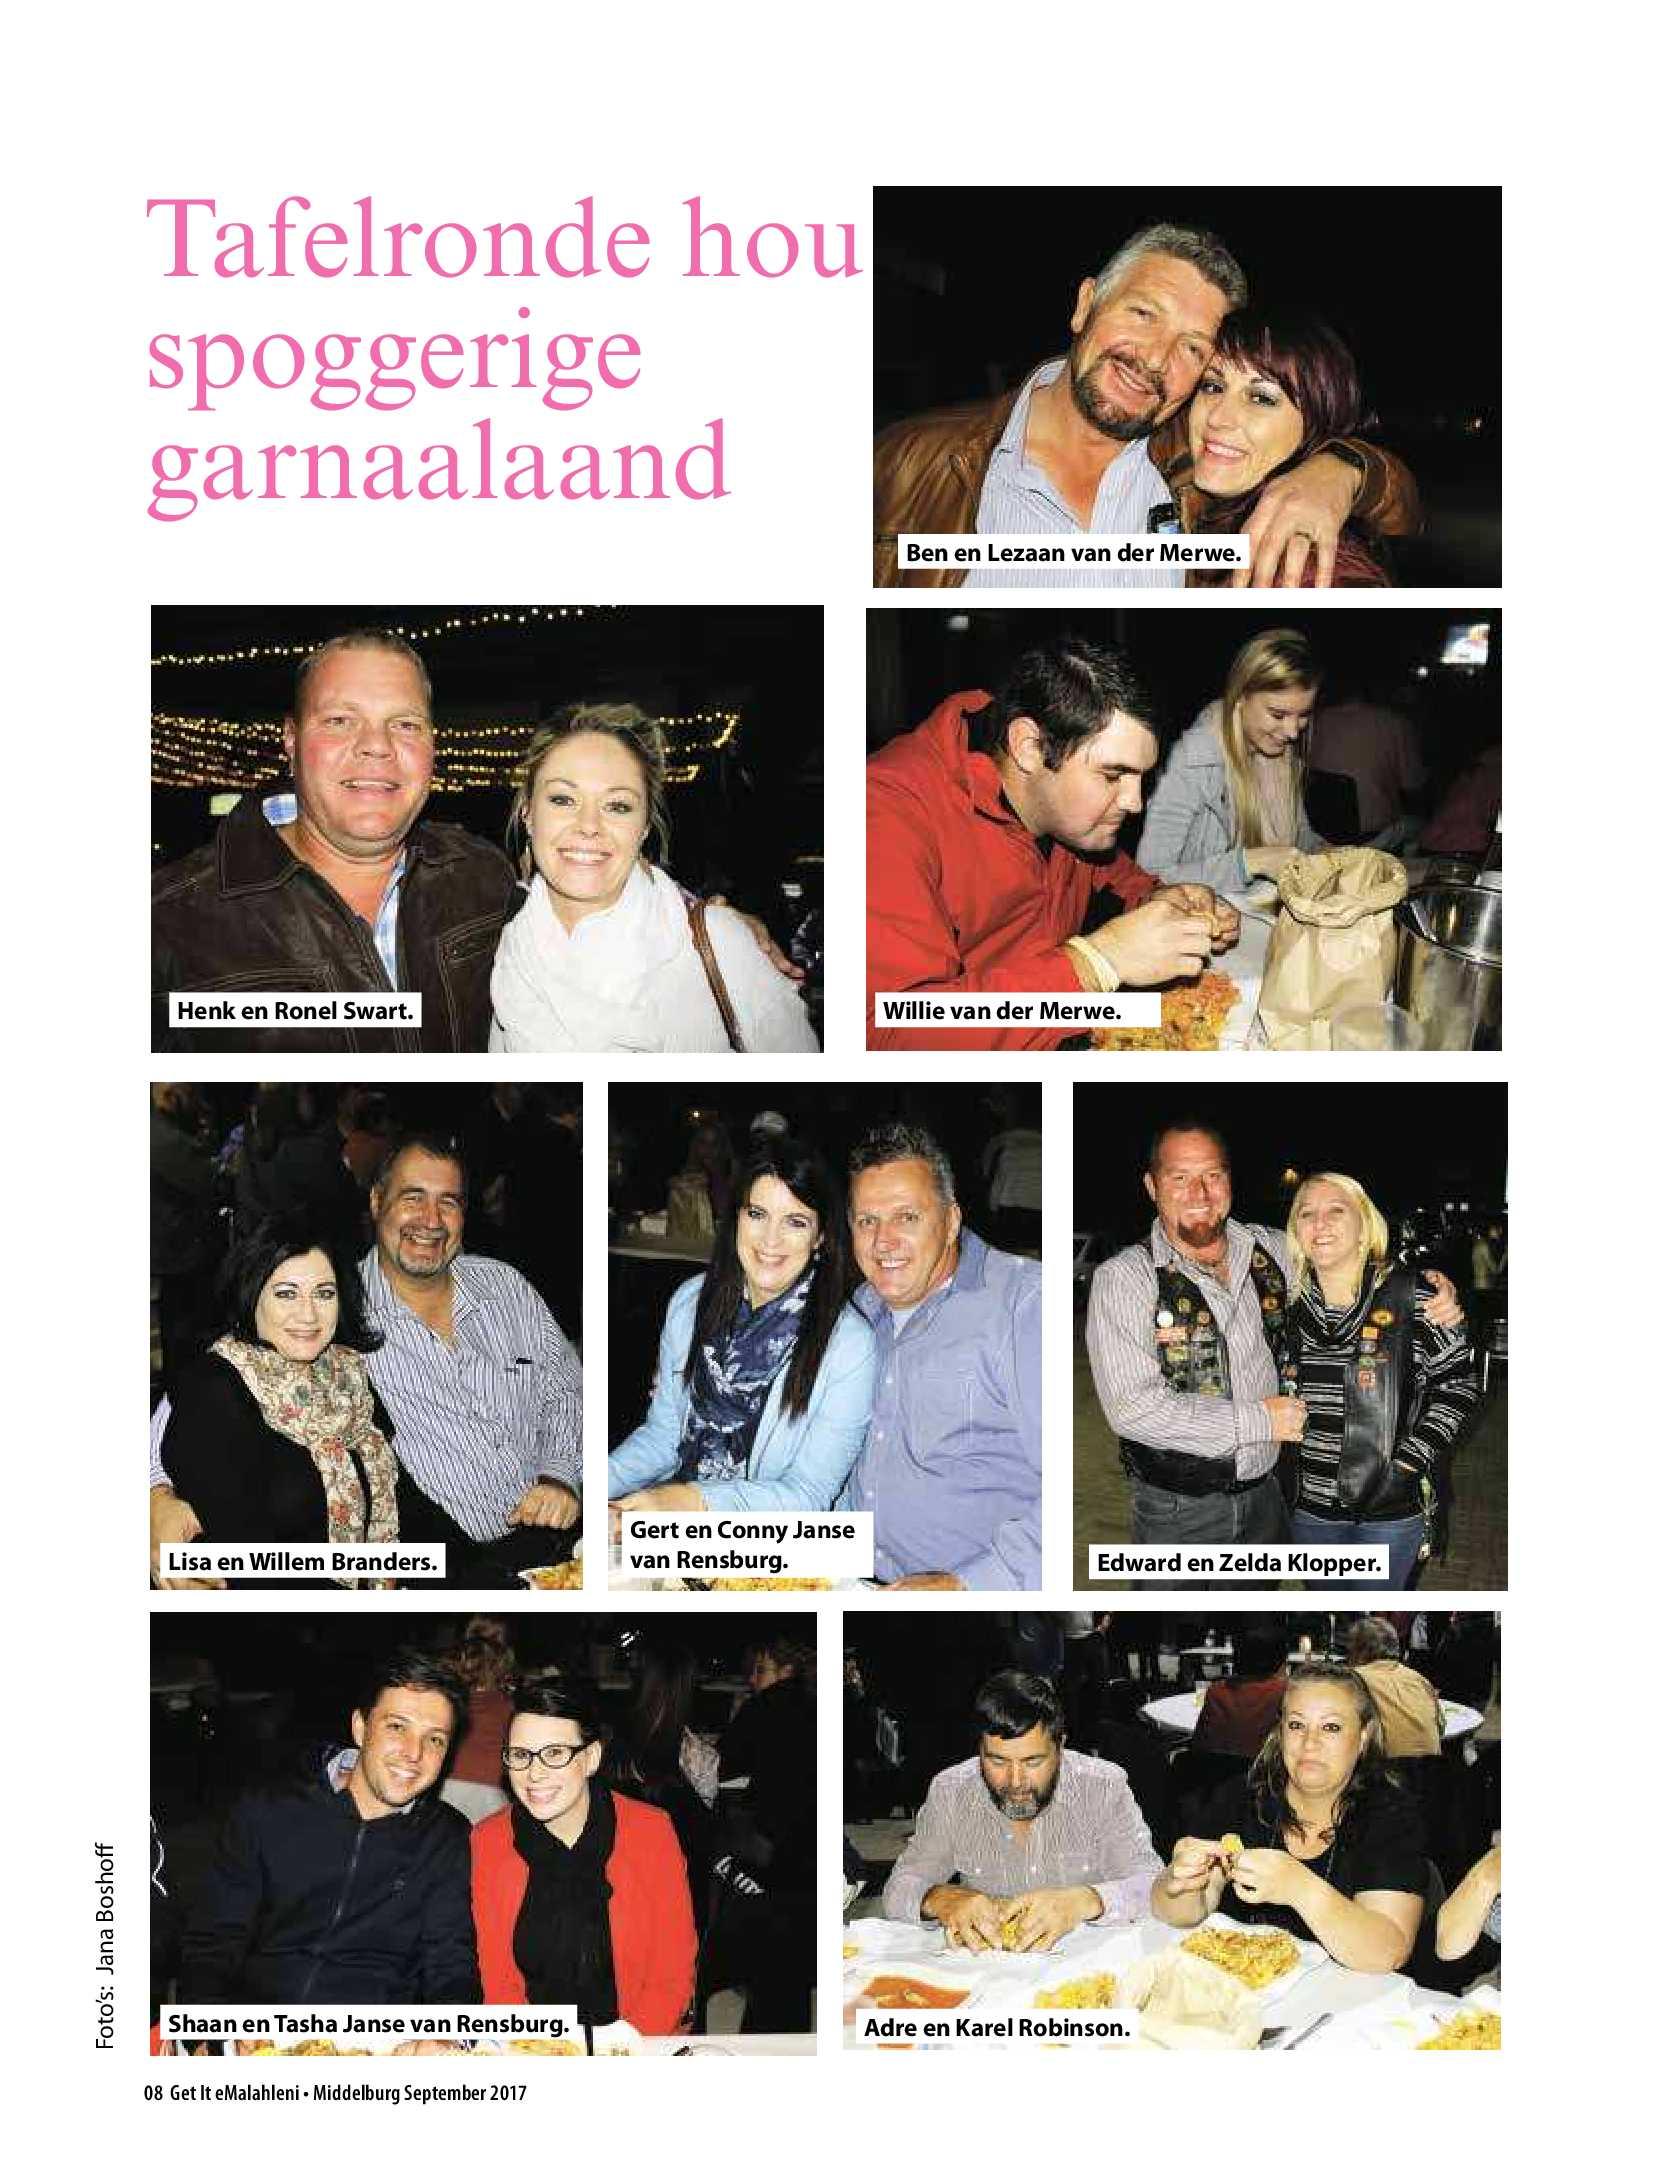 get-middelburg-september-2017-epapers-page-10